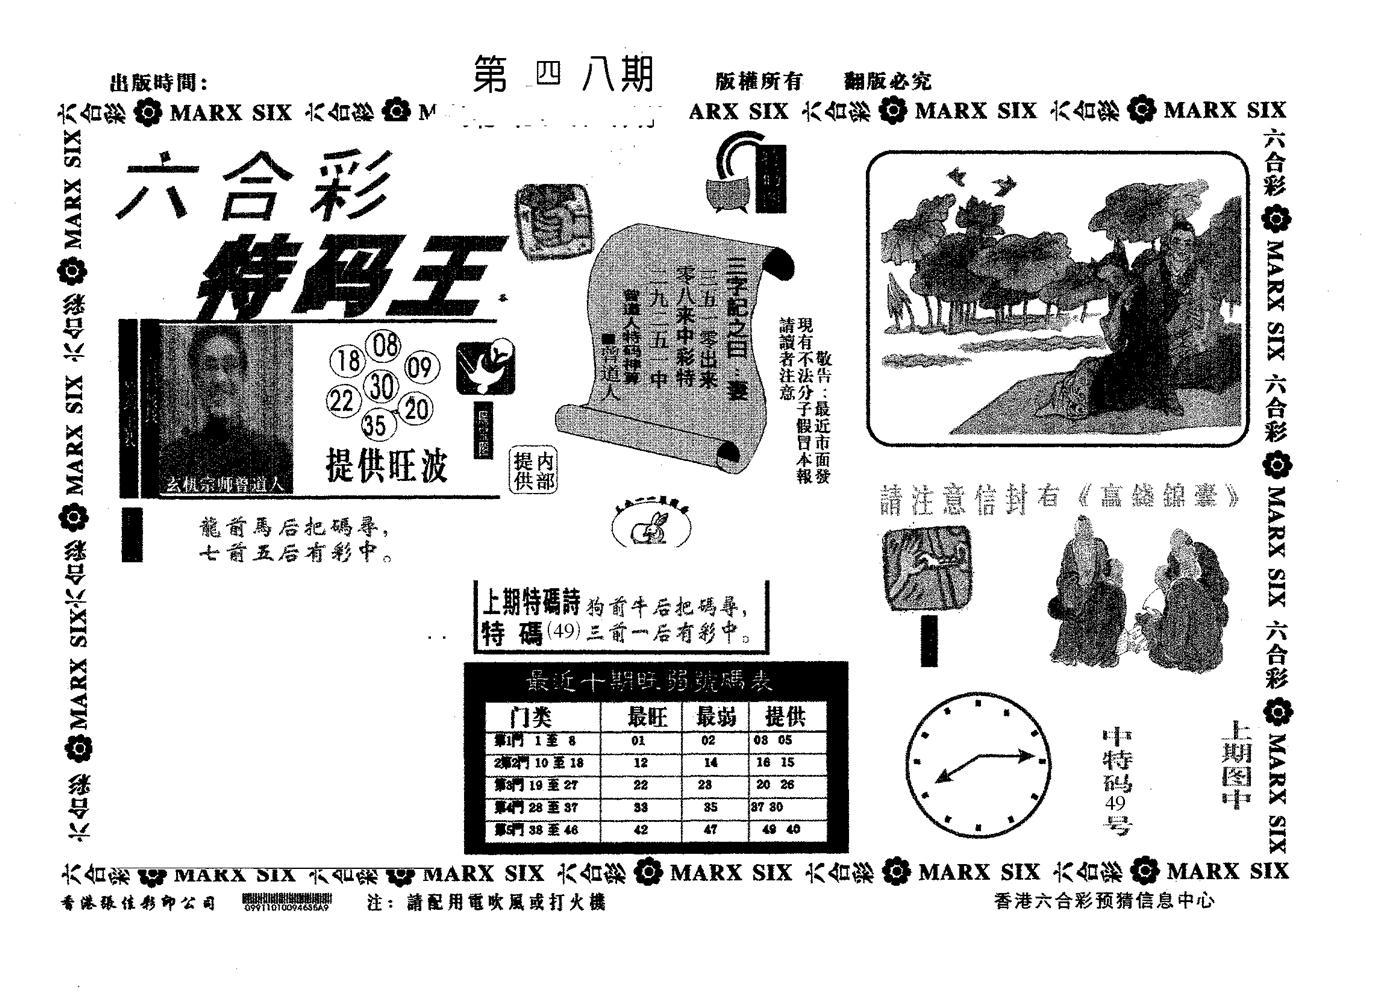 048期特码王B(黑白)